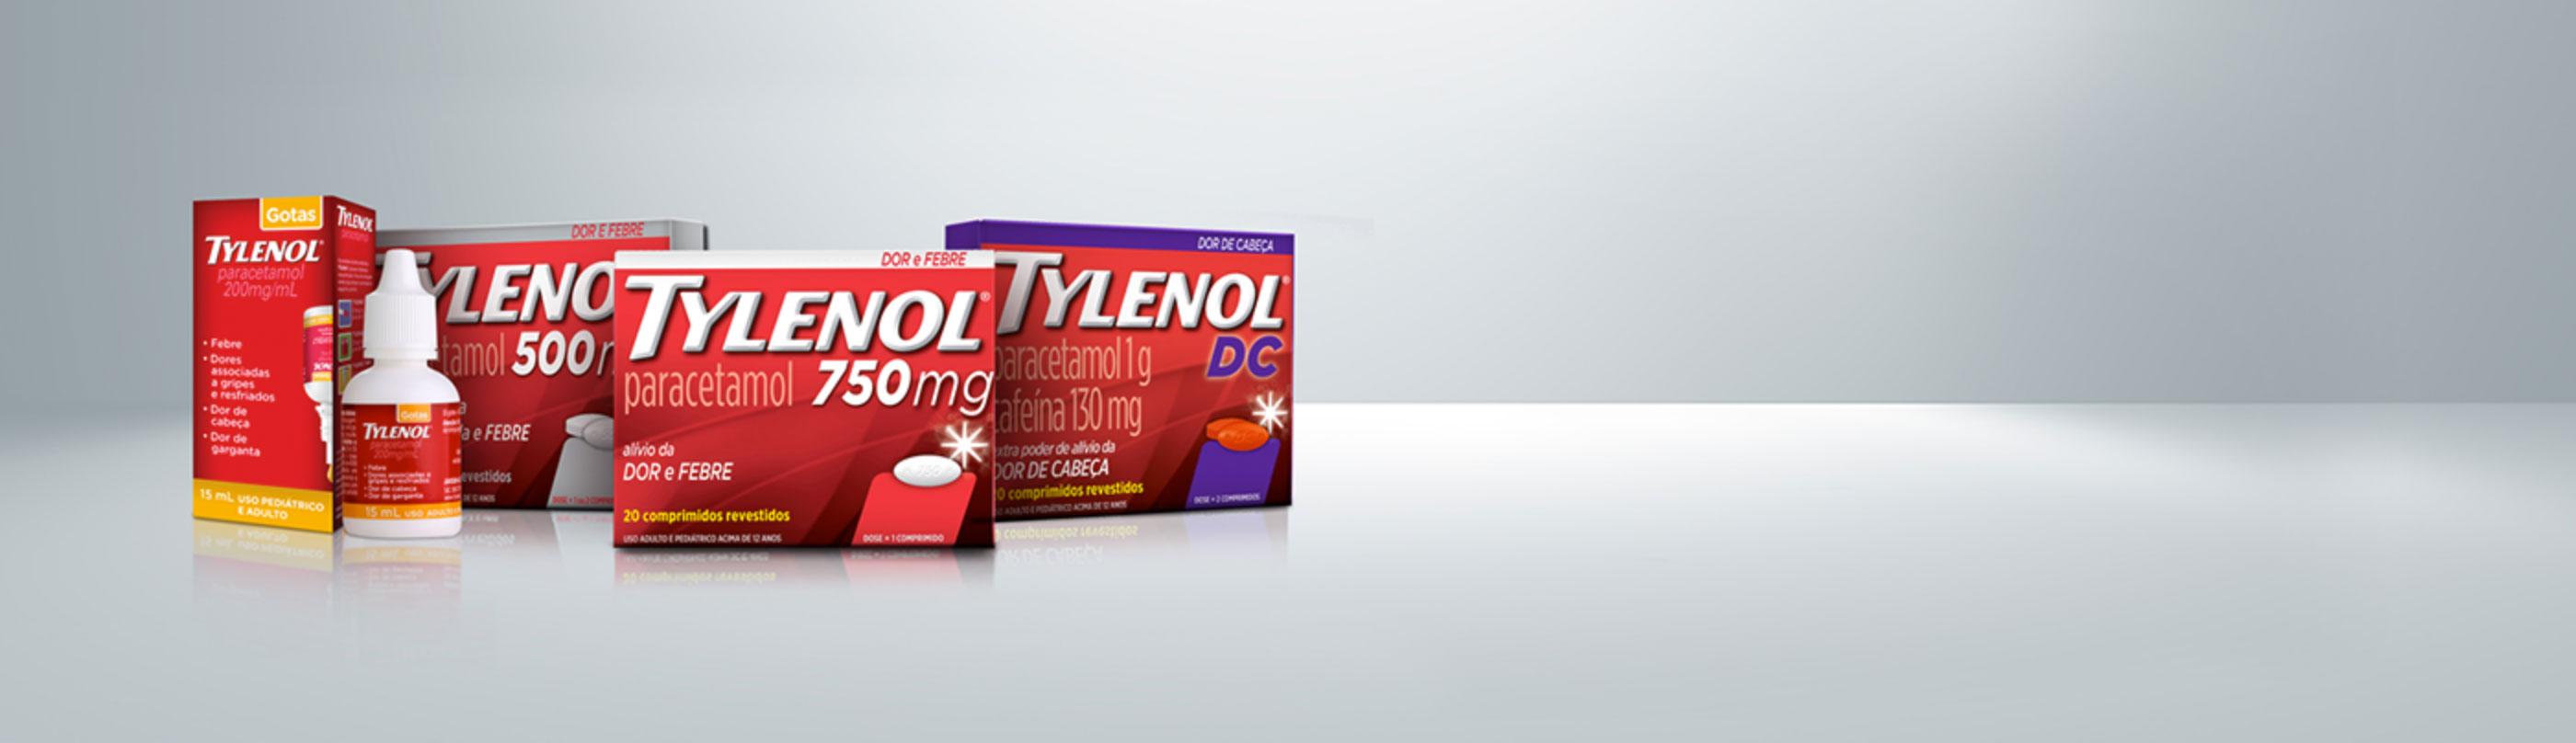 Sua segurança em 1º lugar no alívio da dor e da febre |TYLENOL®